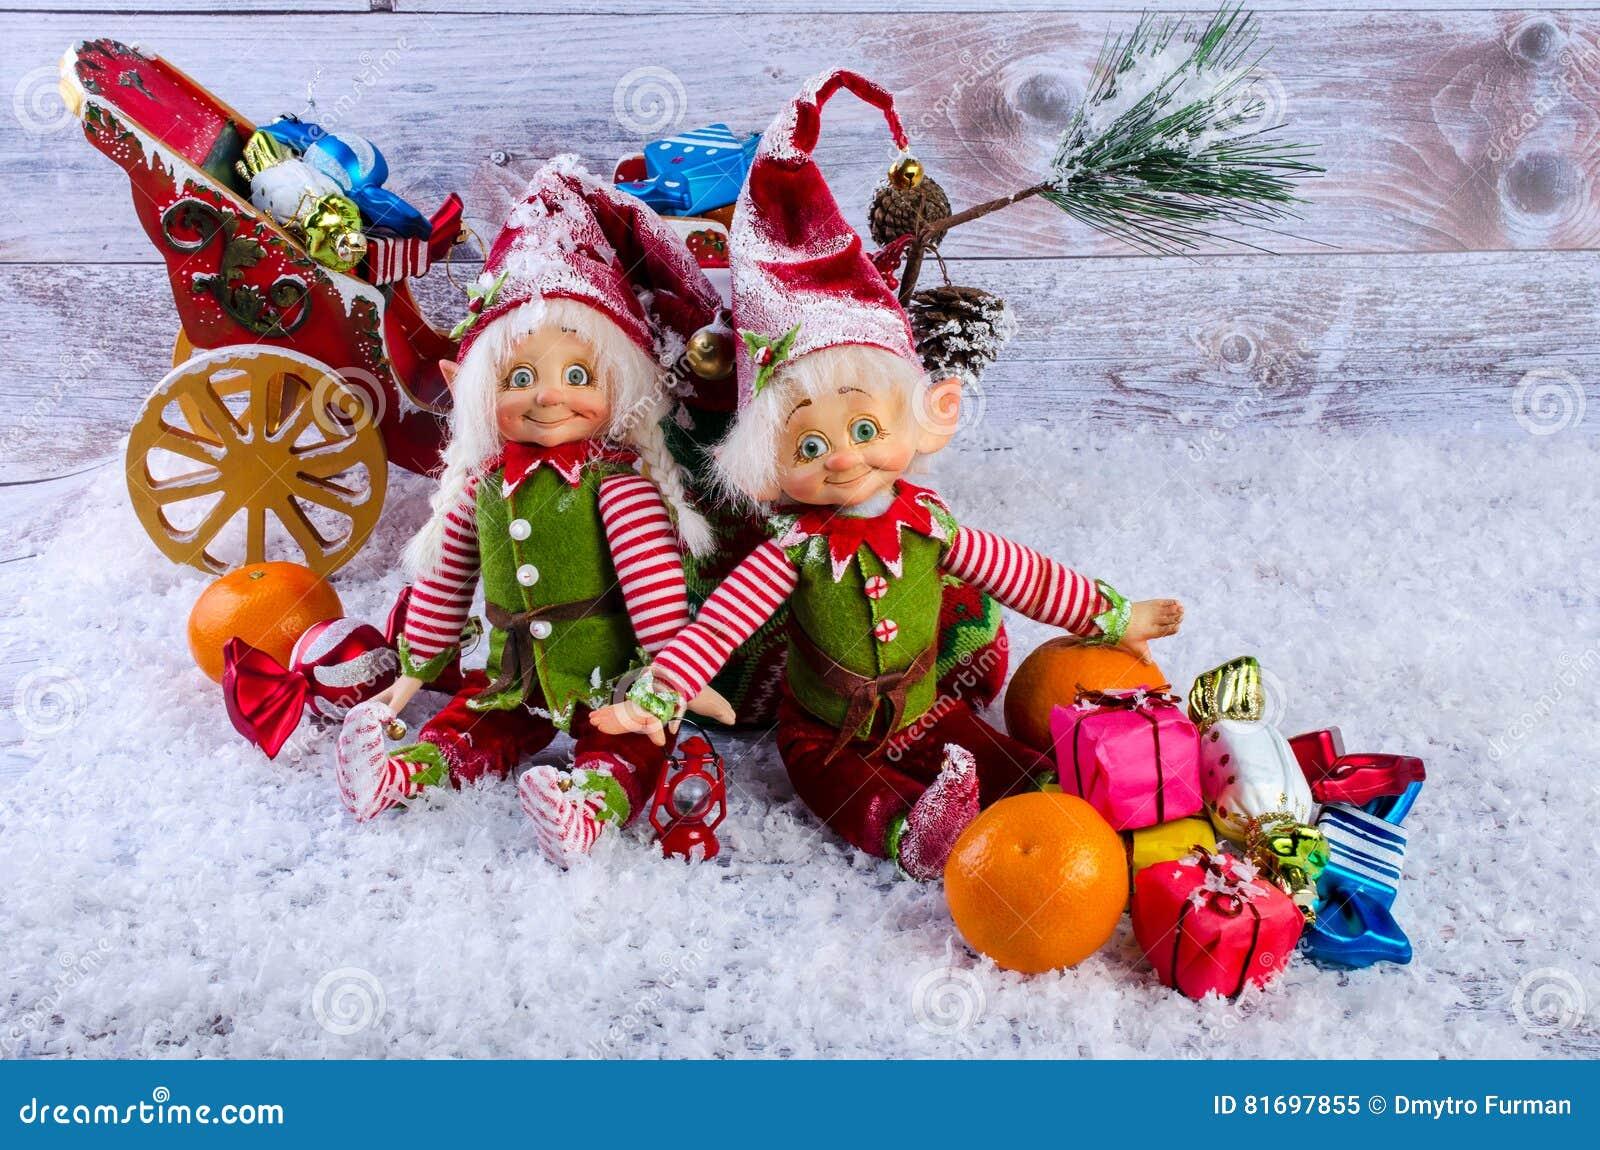 Weihnachtsszene Mit Elfen, Weihnachtssocken, Tangerinen Und Geschenk ...